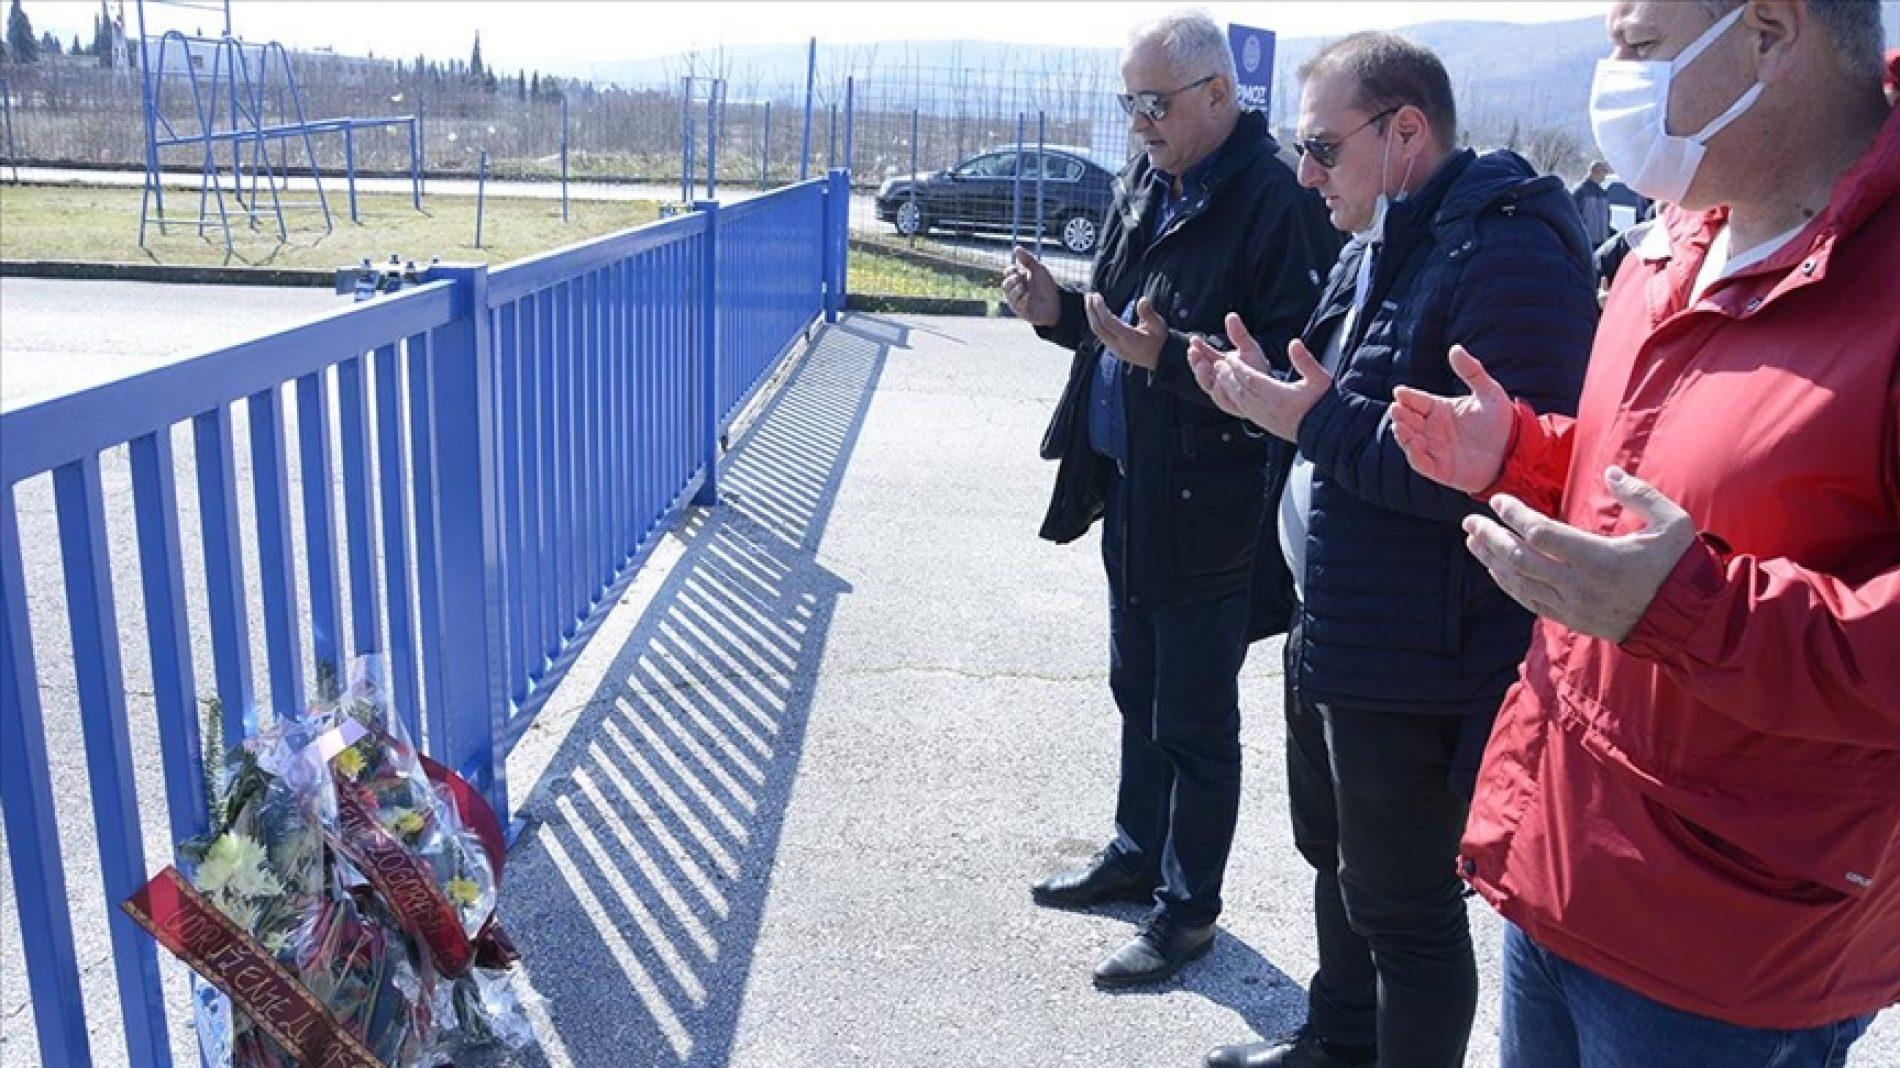 Obilježena godišnjica zatvaranja logora Heliodrom: Bivši logoraši 19. mart slave kao drugi rođendan